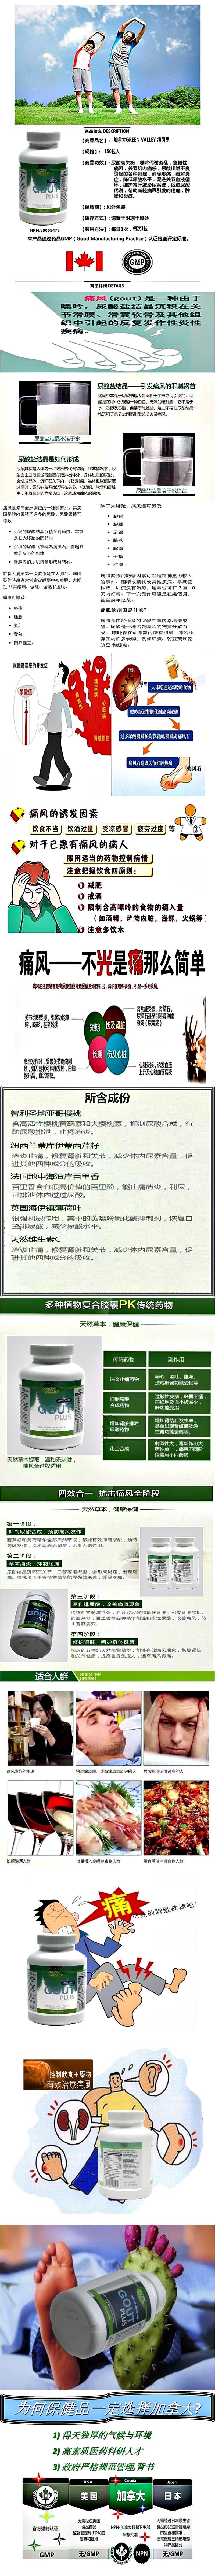 1necs014687-vert.jpg